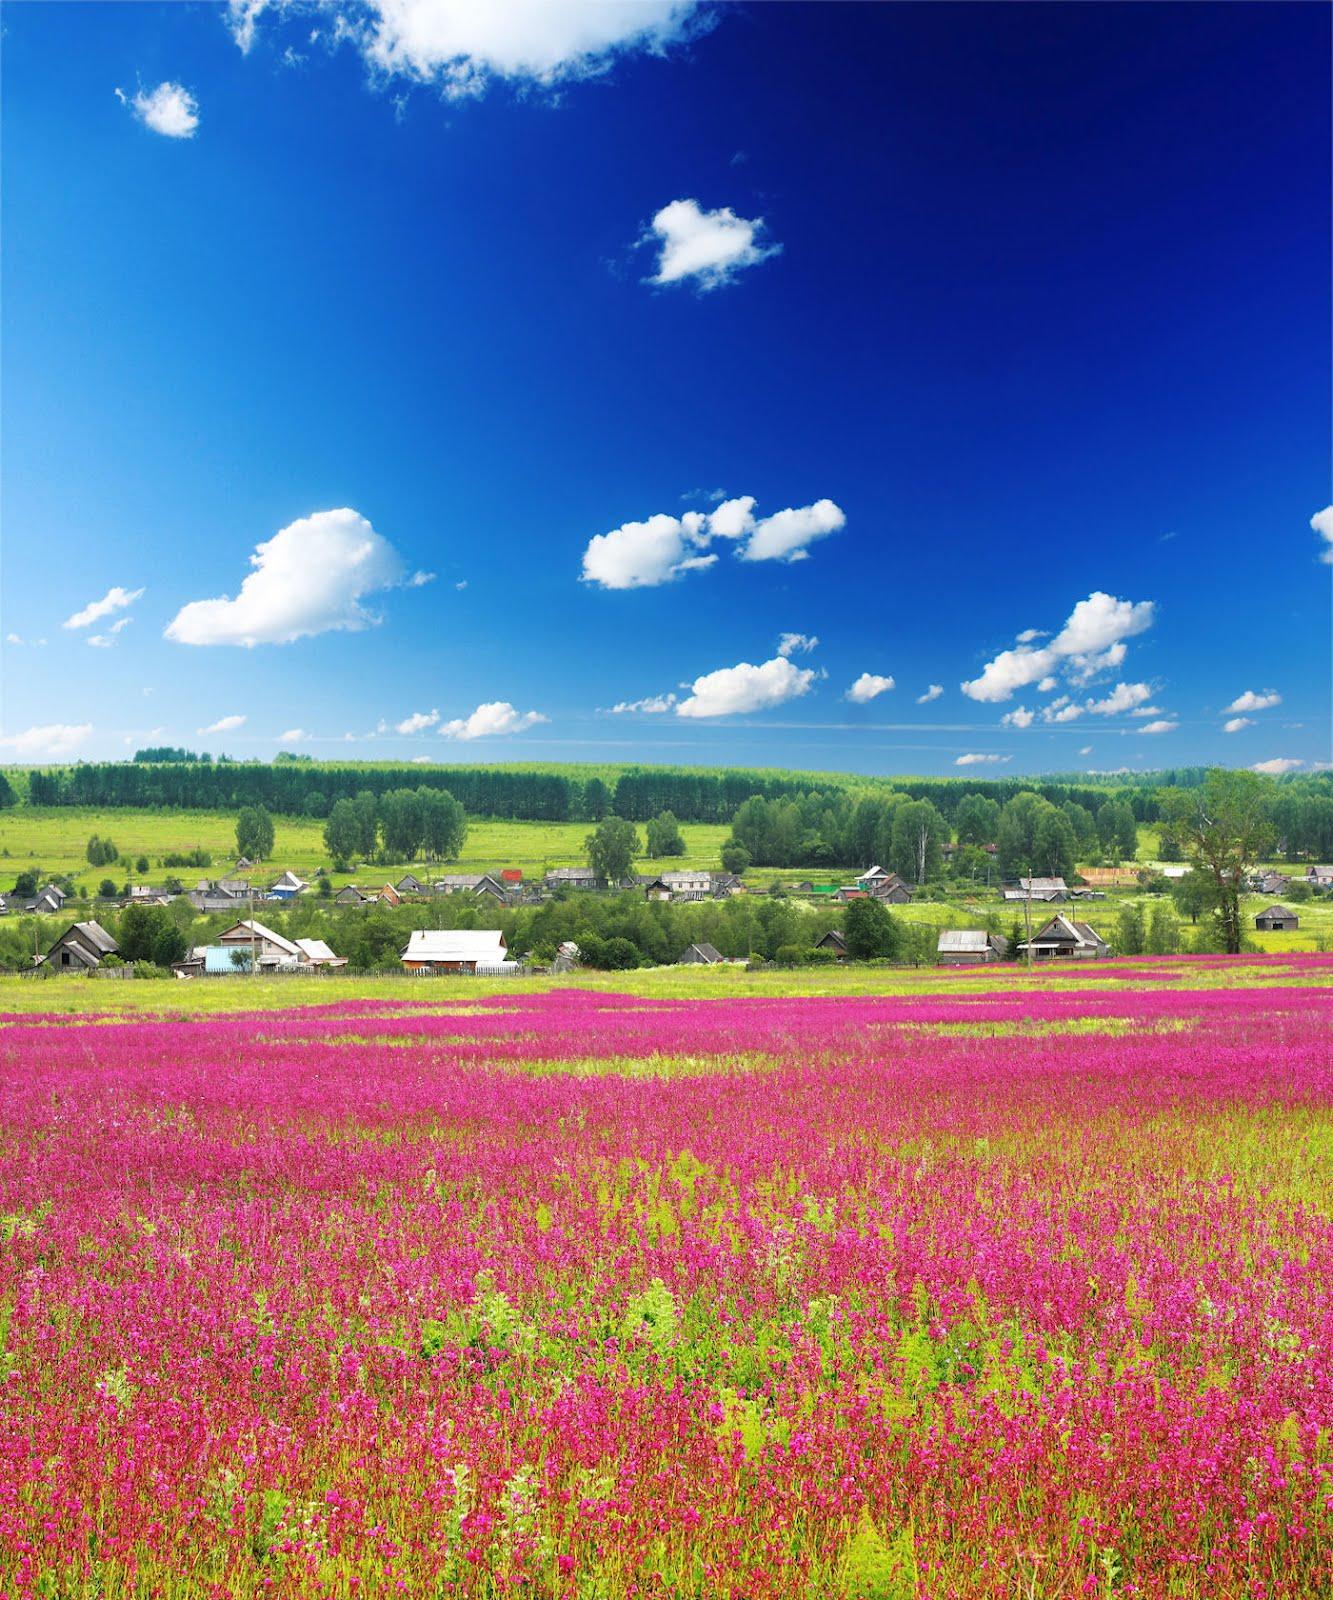 Una postal de primavera desde Holanda - Fotos Paisajes Primaverales Flores